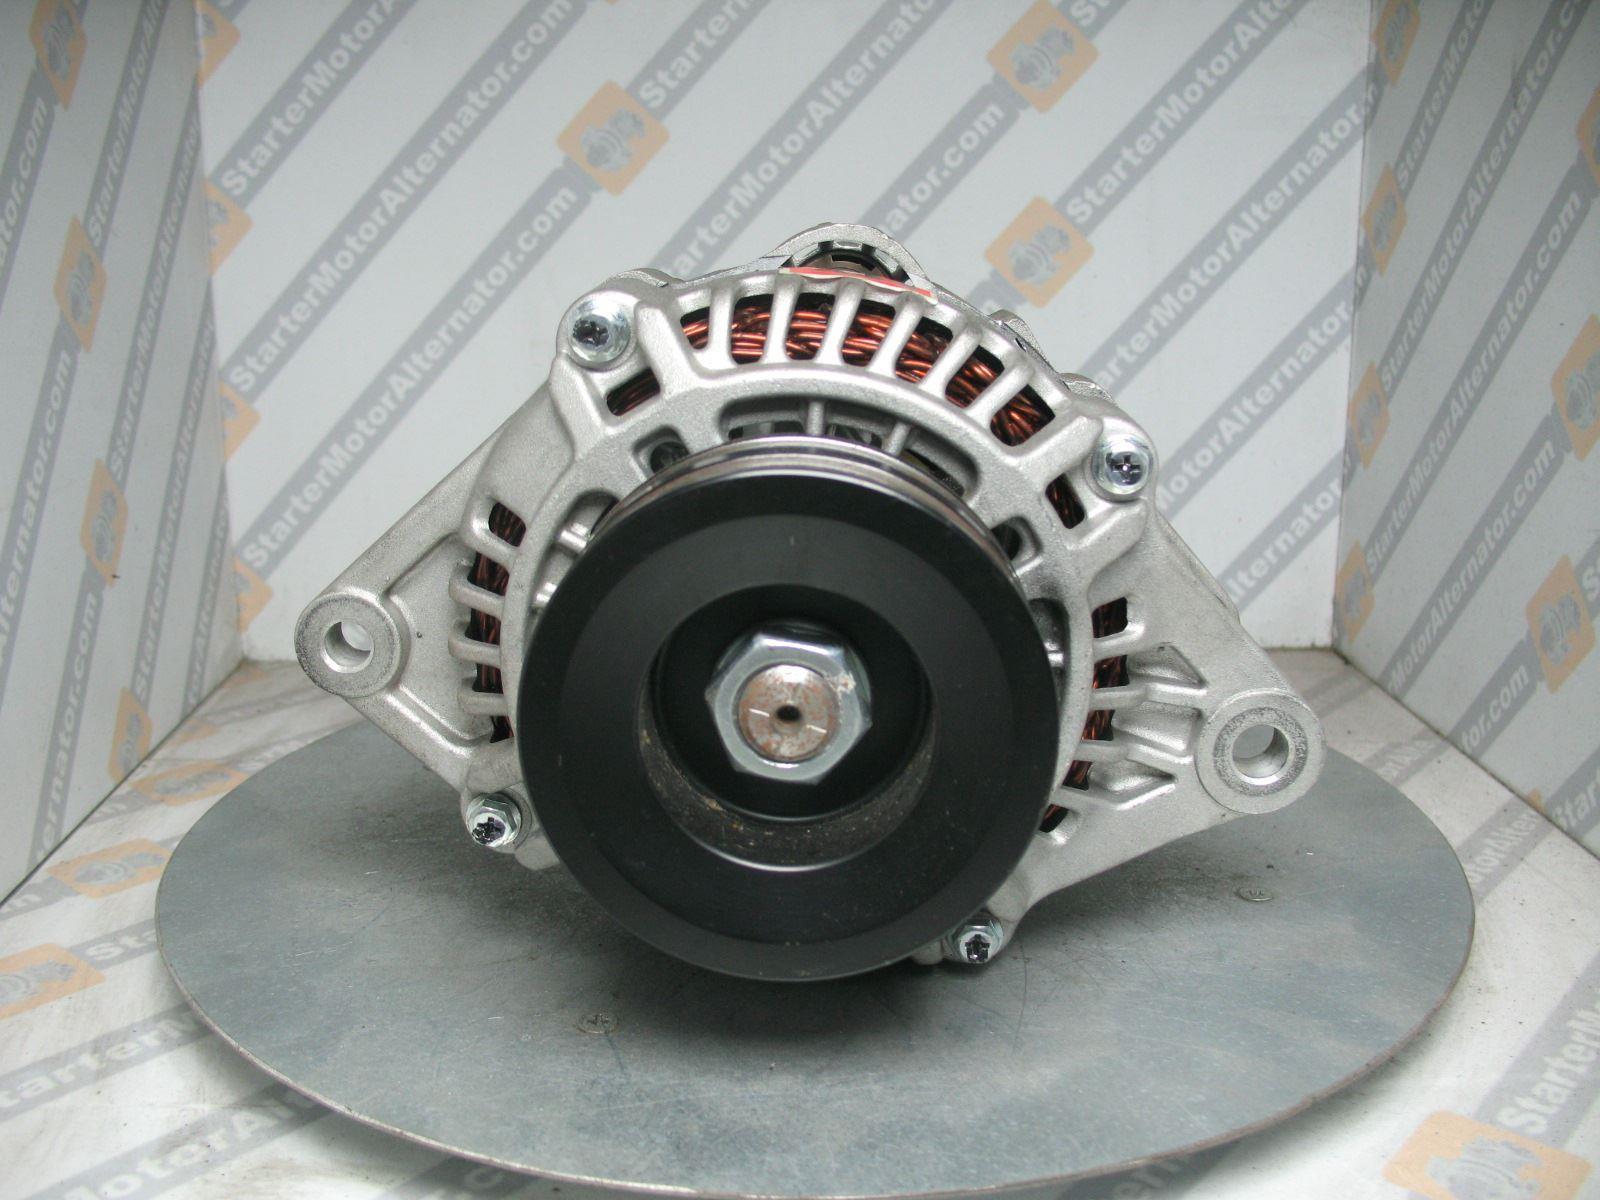 XIK2069 Alternator For Mazda